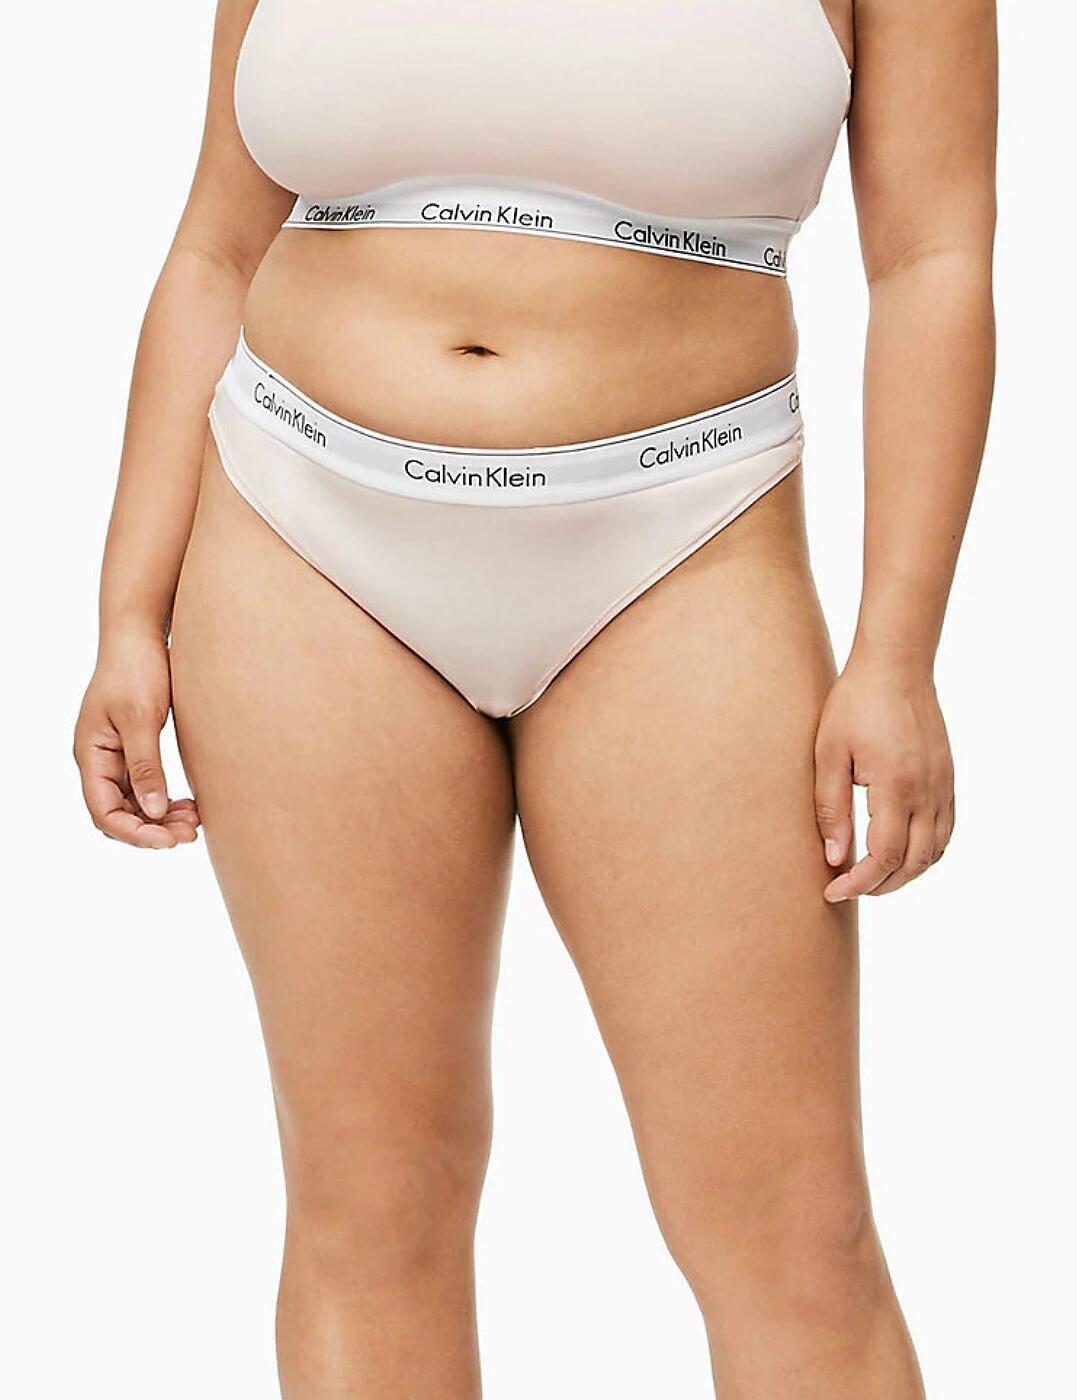 QF5117E Calvin Klein Modern Cotton Plus Thong Brief - QF5117E Nymphs Thigh